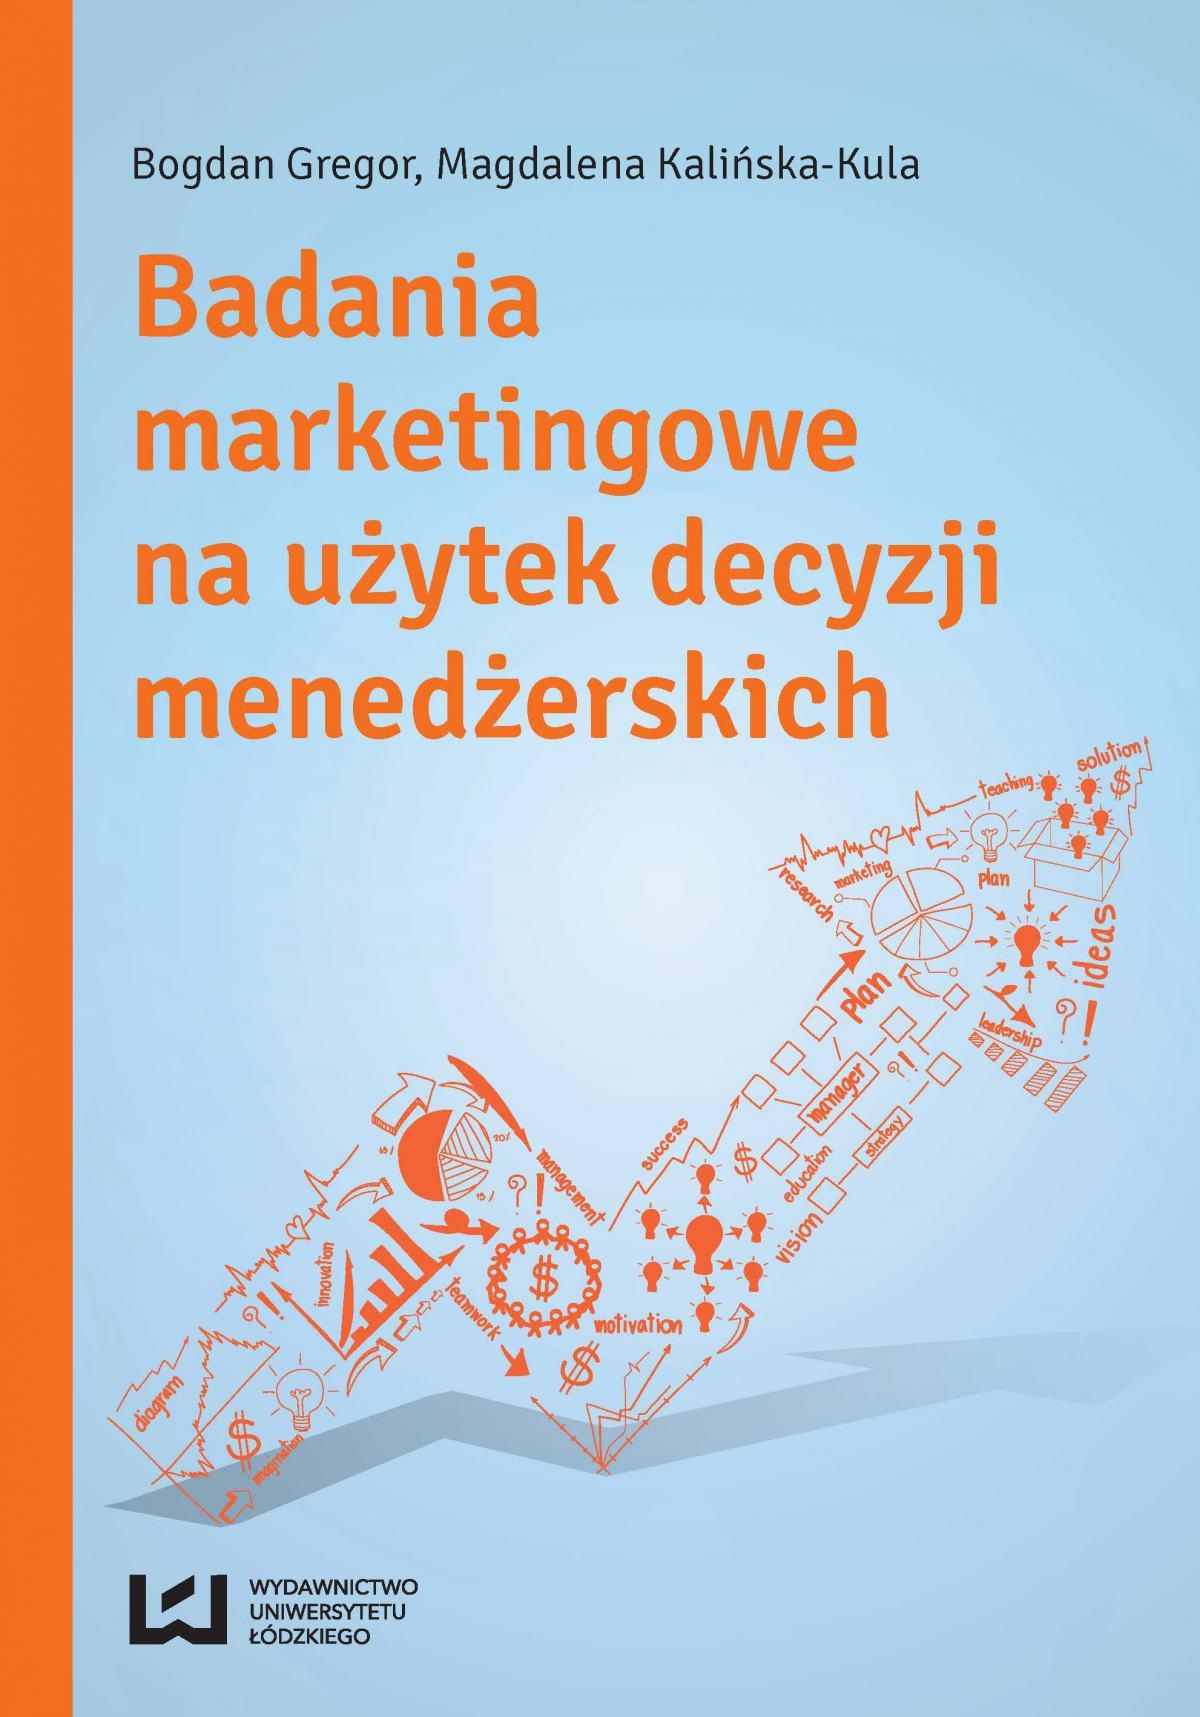 Badania marketingowe na użytek decyzji menedżerskich - Ebook (Książka PDF) do pobrania w formacie PDF